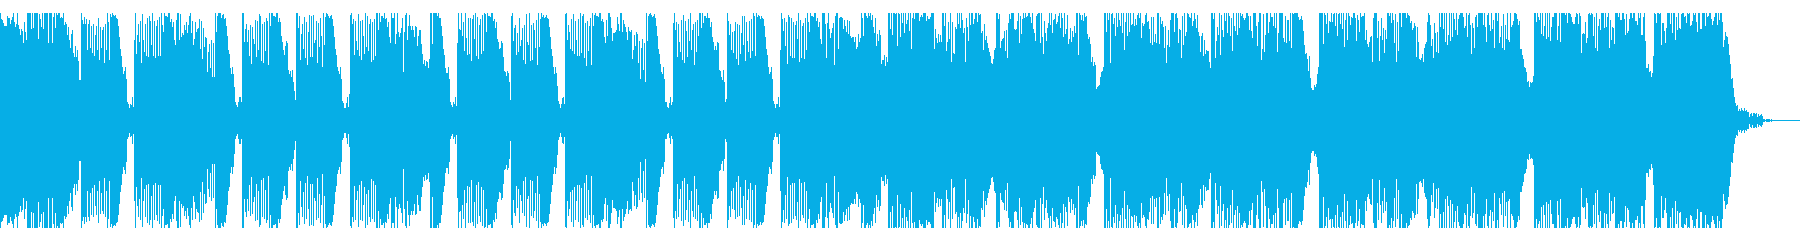 16秒 重厚感とキレのあるテクノの再生済みの波形